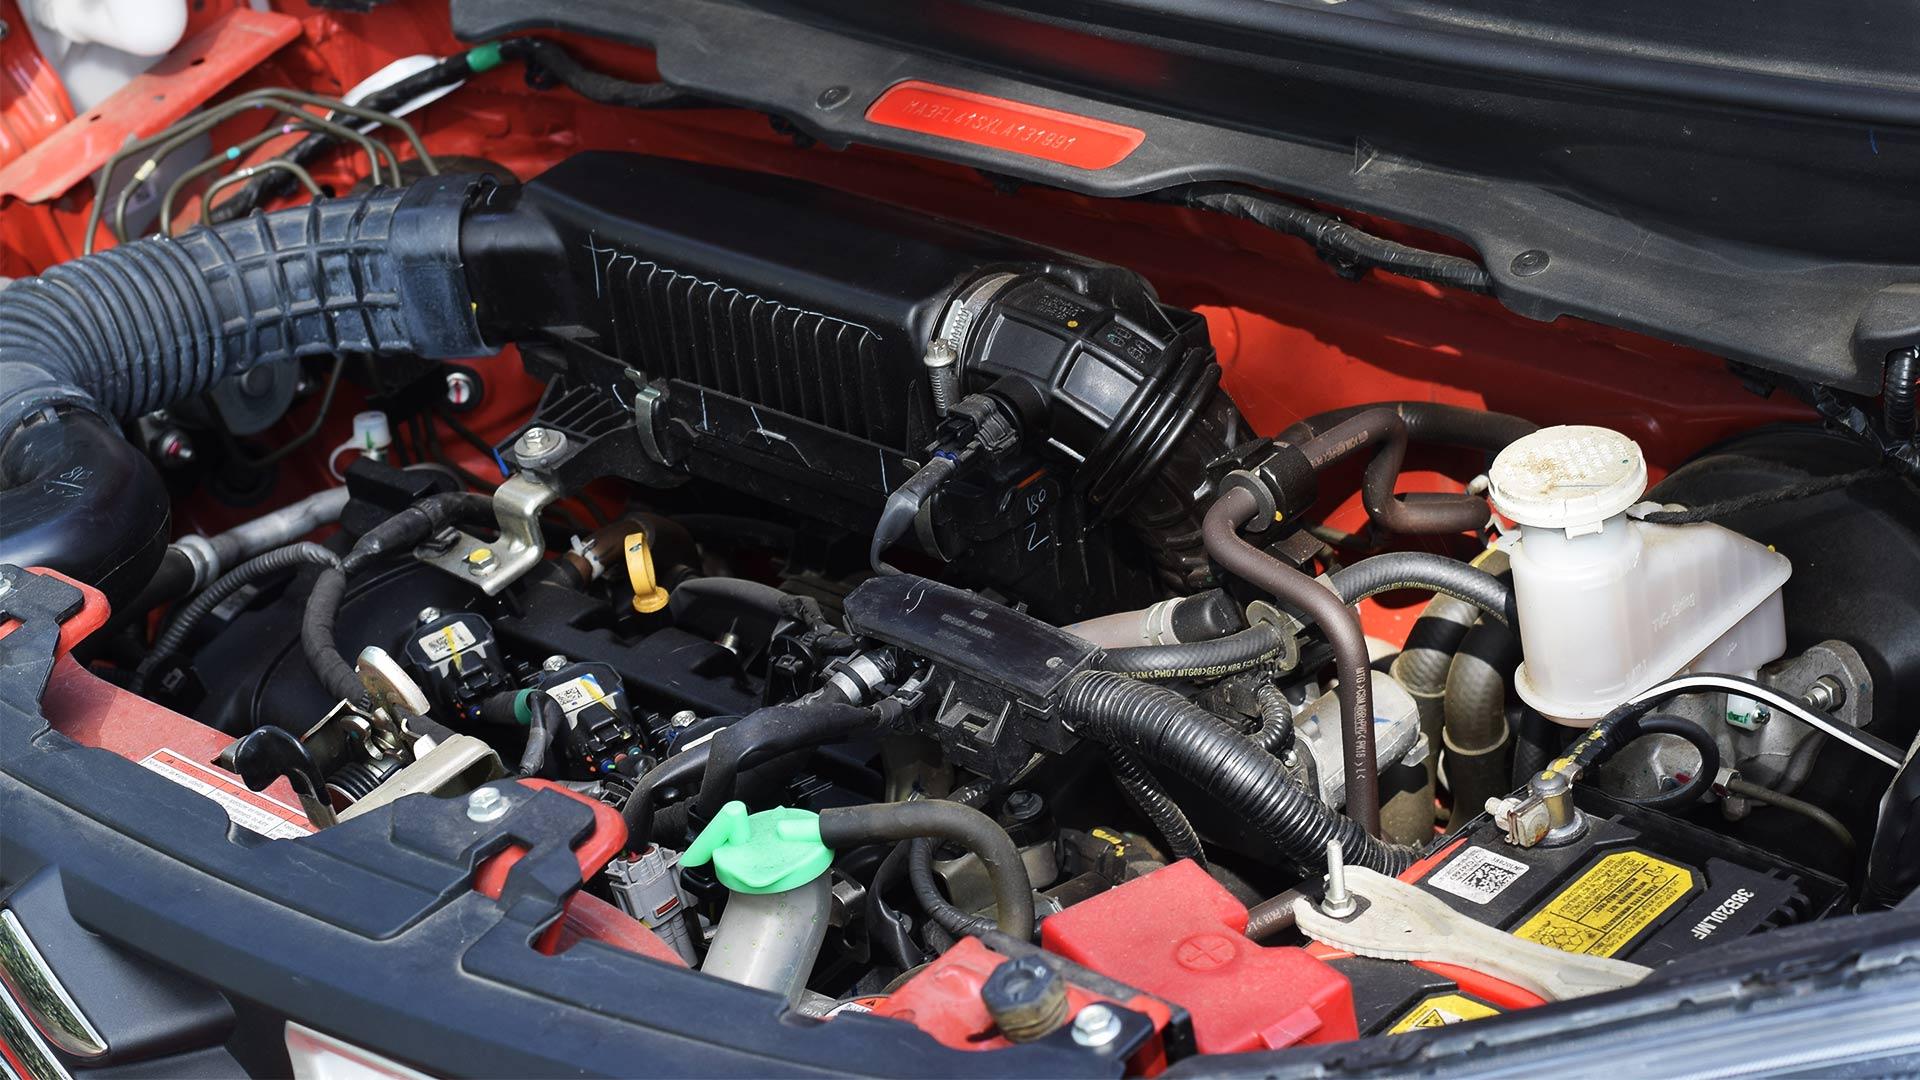 The Suzuki S-Presso engine